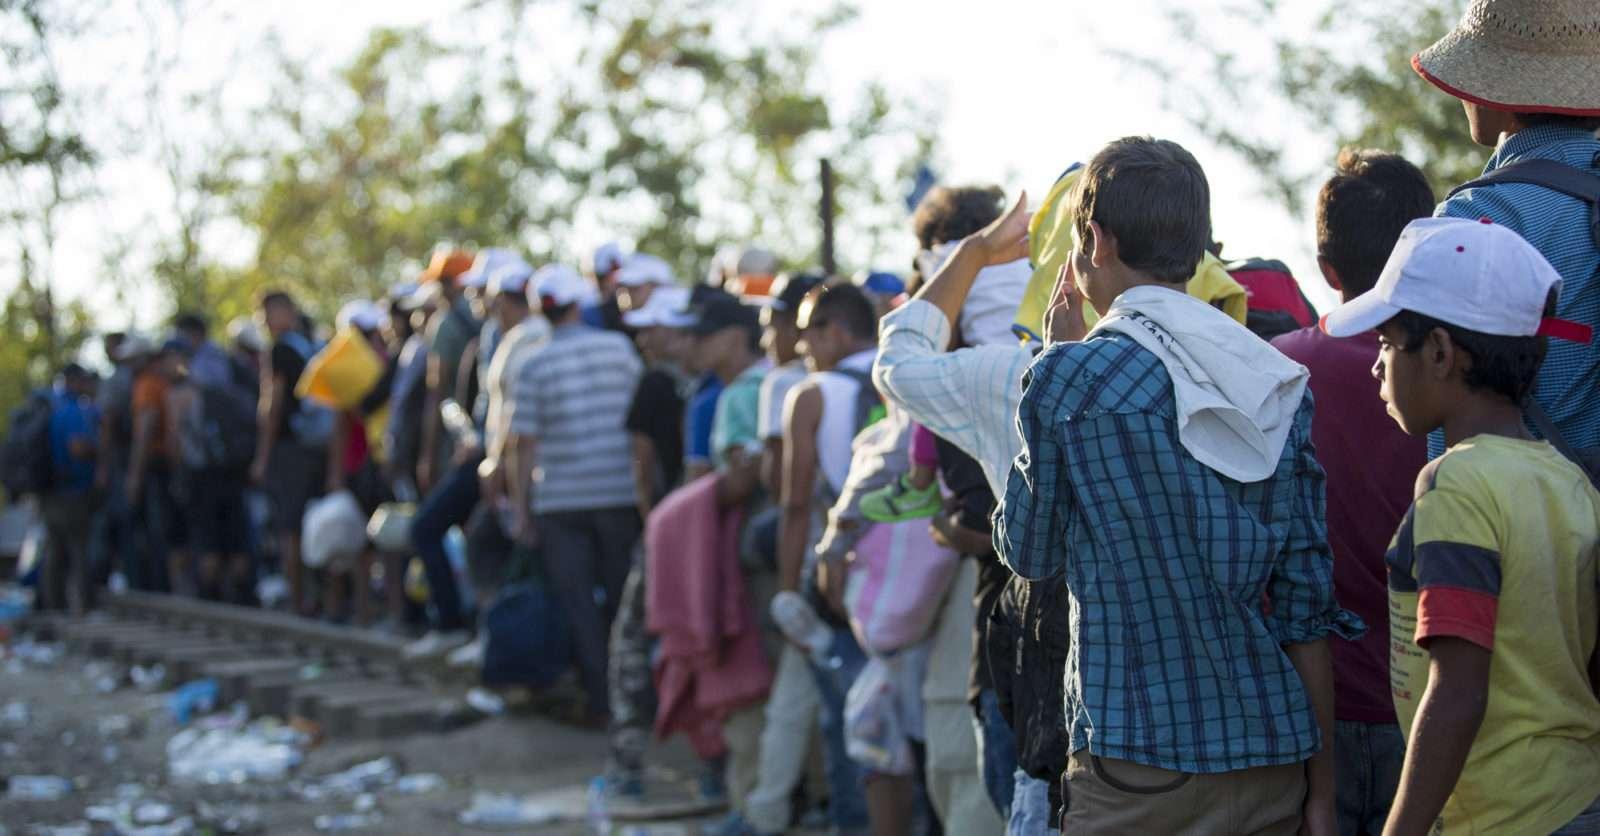 سياسات الإغلاق الأوروبية في وجه طالبي اللجوء تقدح في قيم حقوق الإنسان